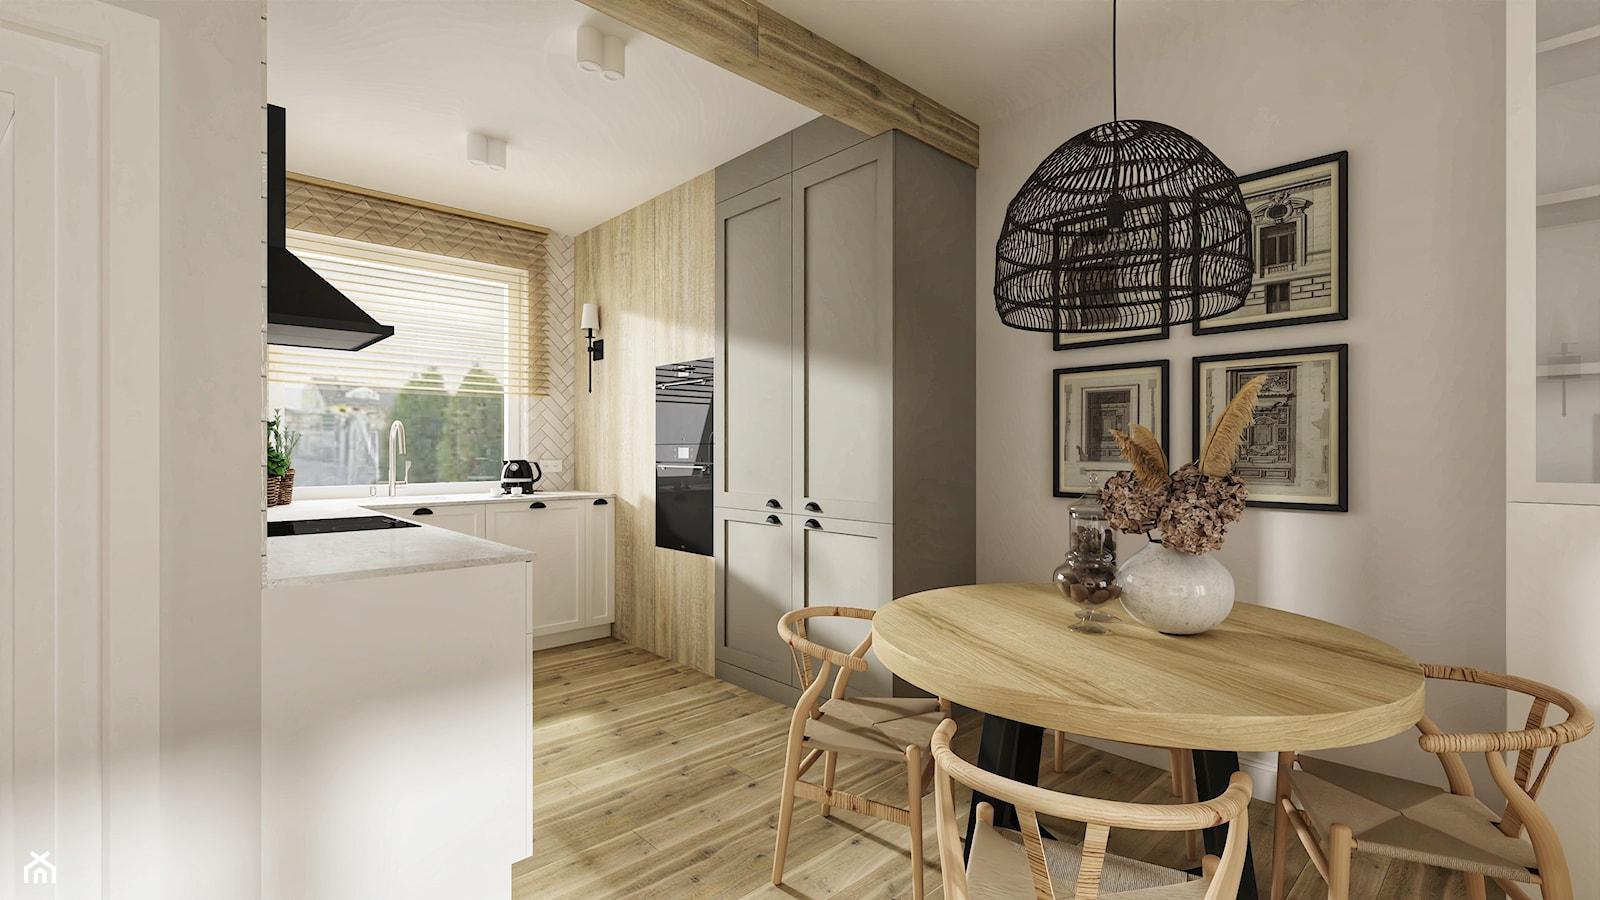 Przytulna kuchnia w domu w stylu rustykalnym - zdjęcie od Reforma Domu - Homebook